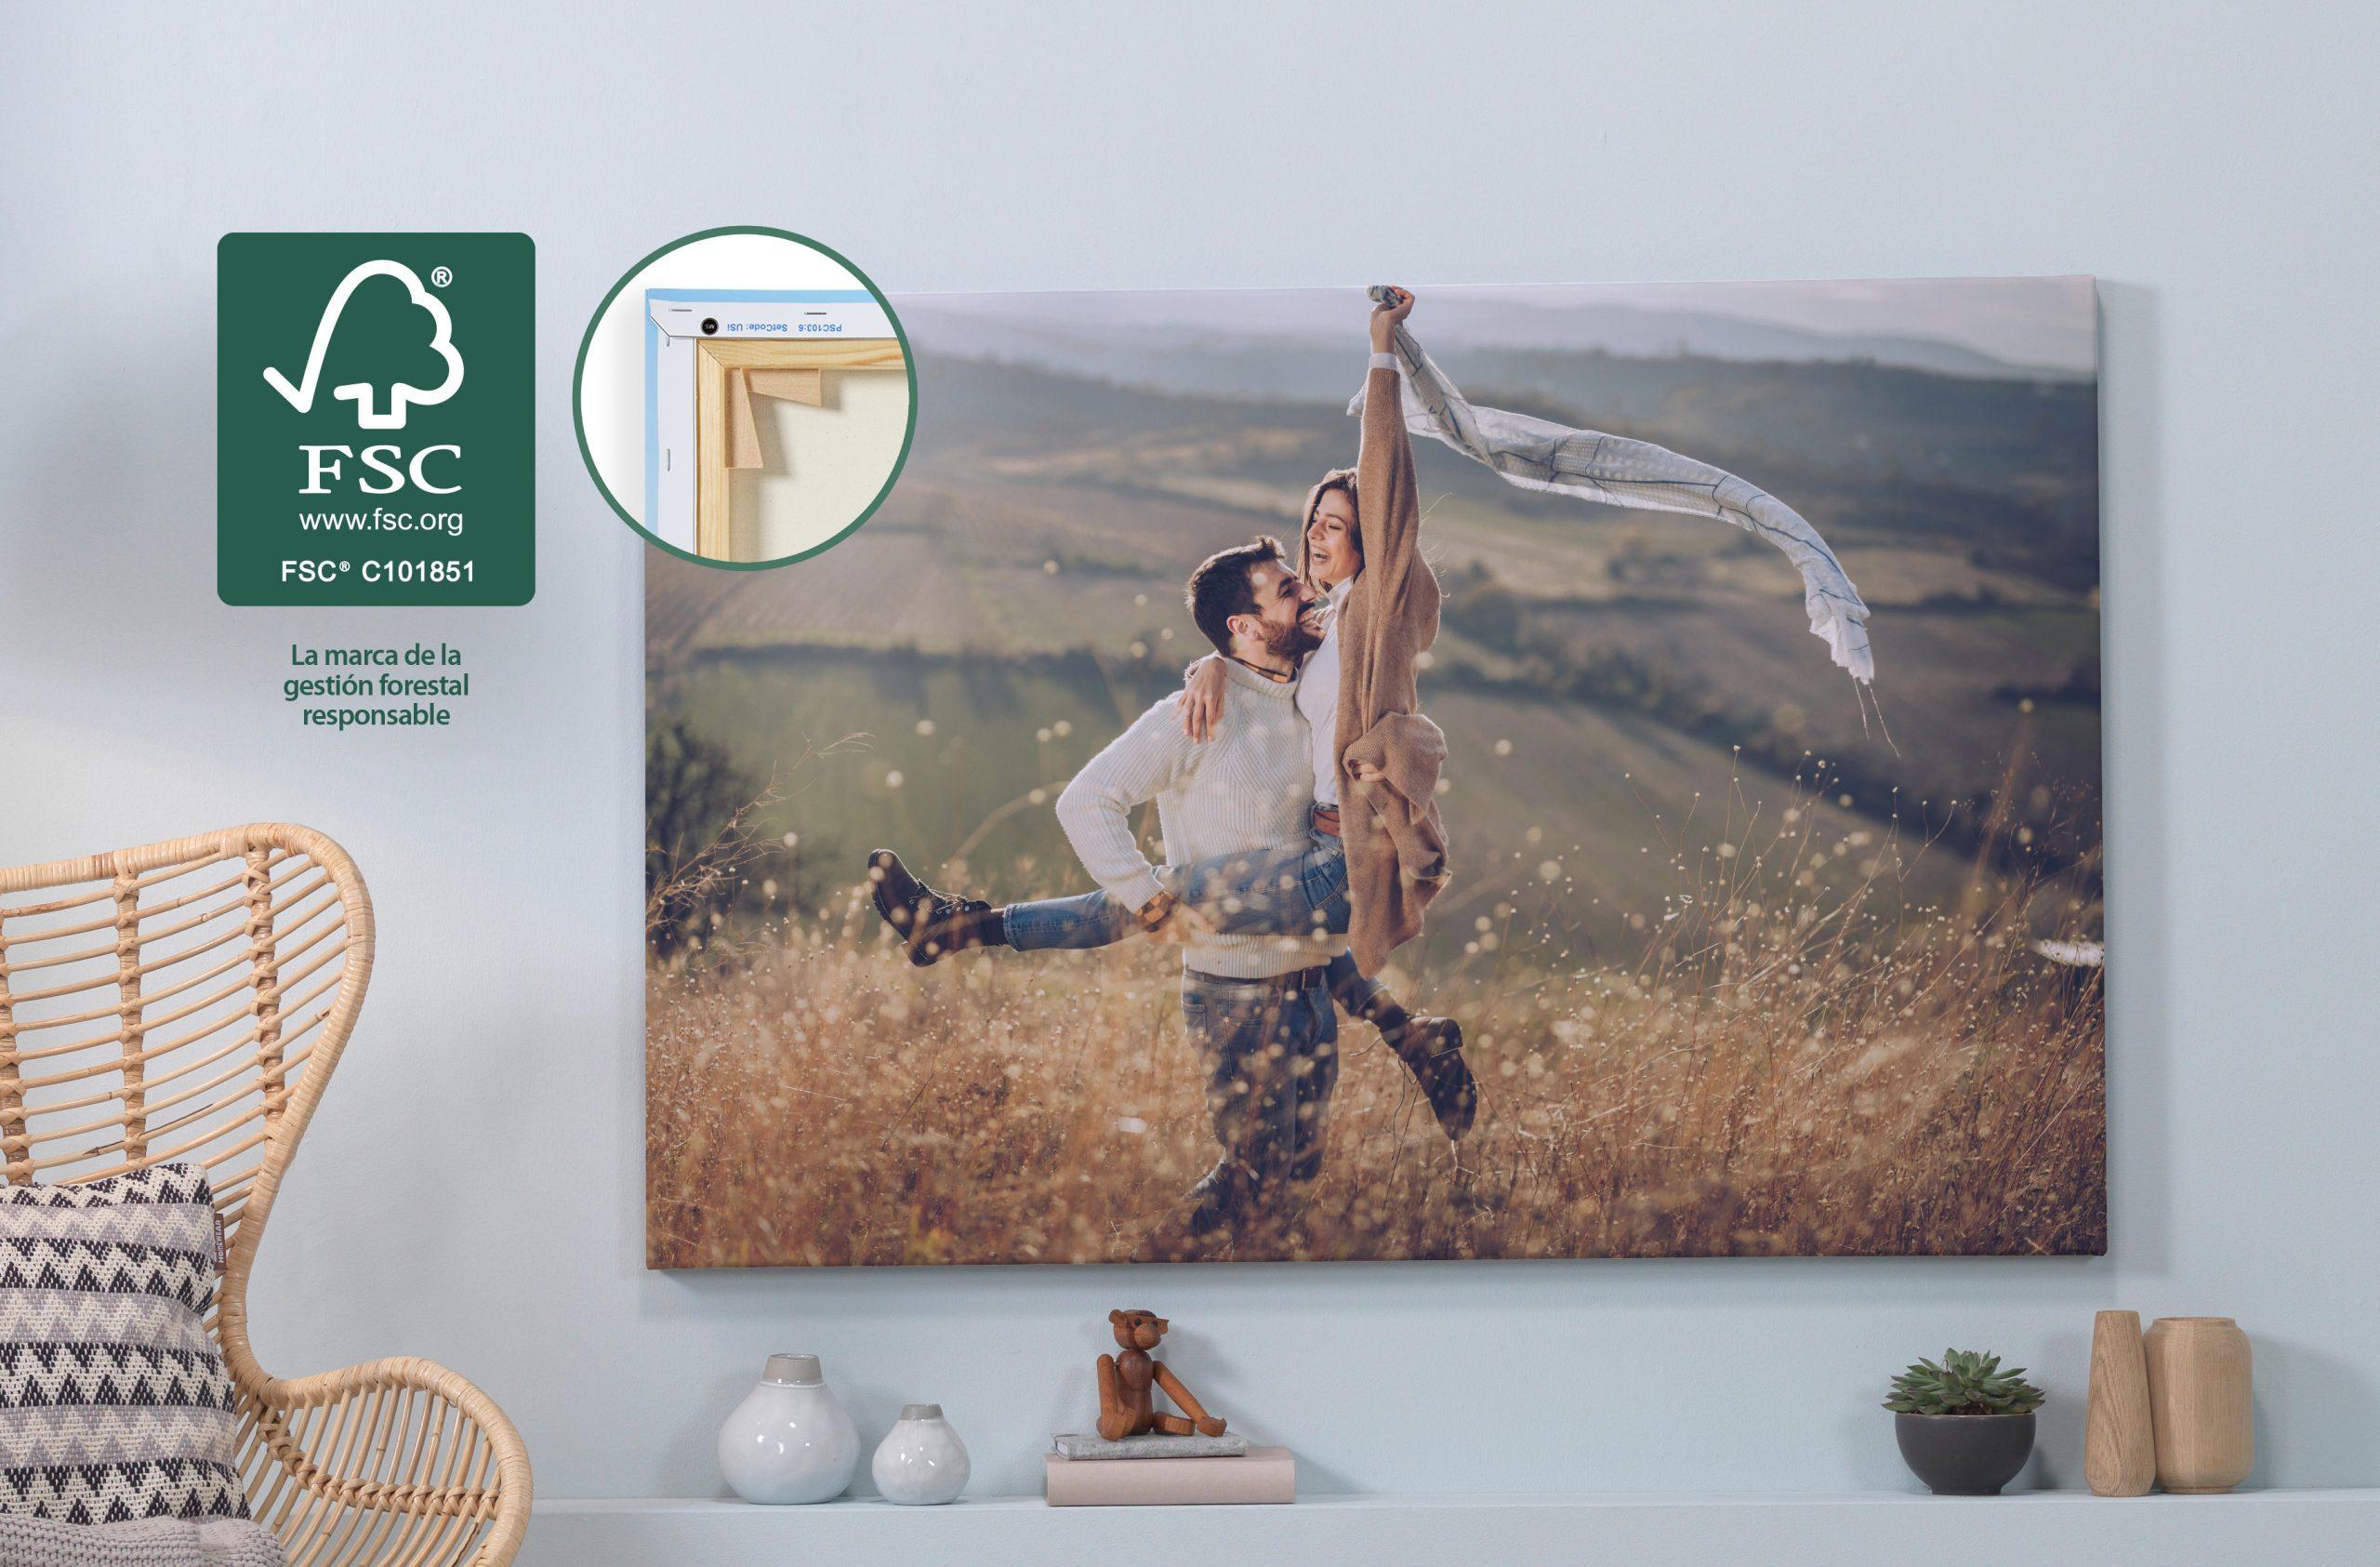 Poster_Cewe_Como cuidar el medio ambiente